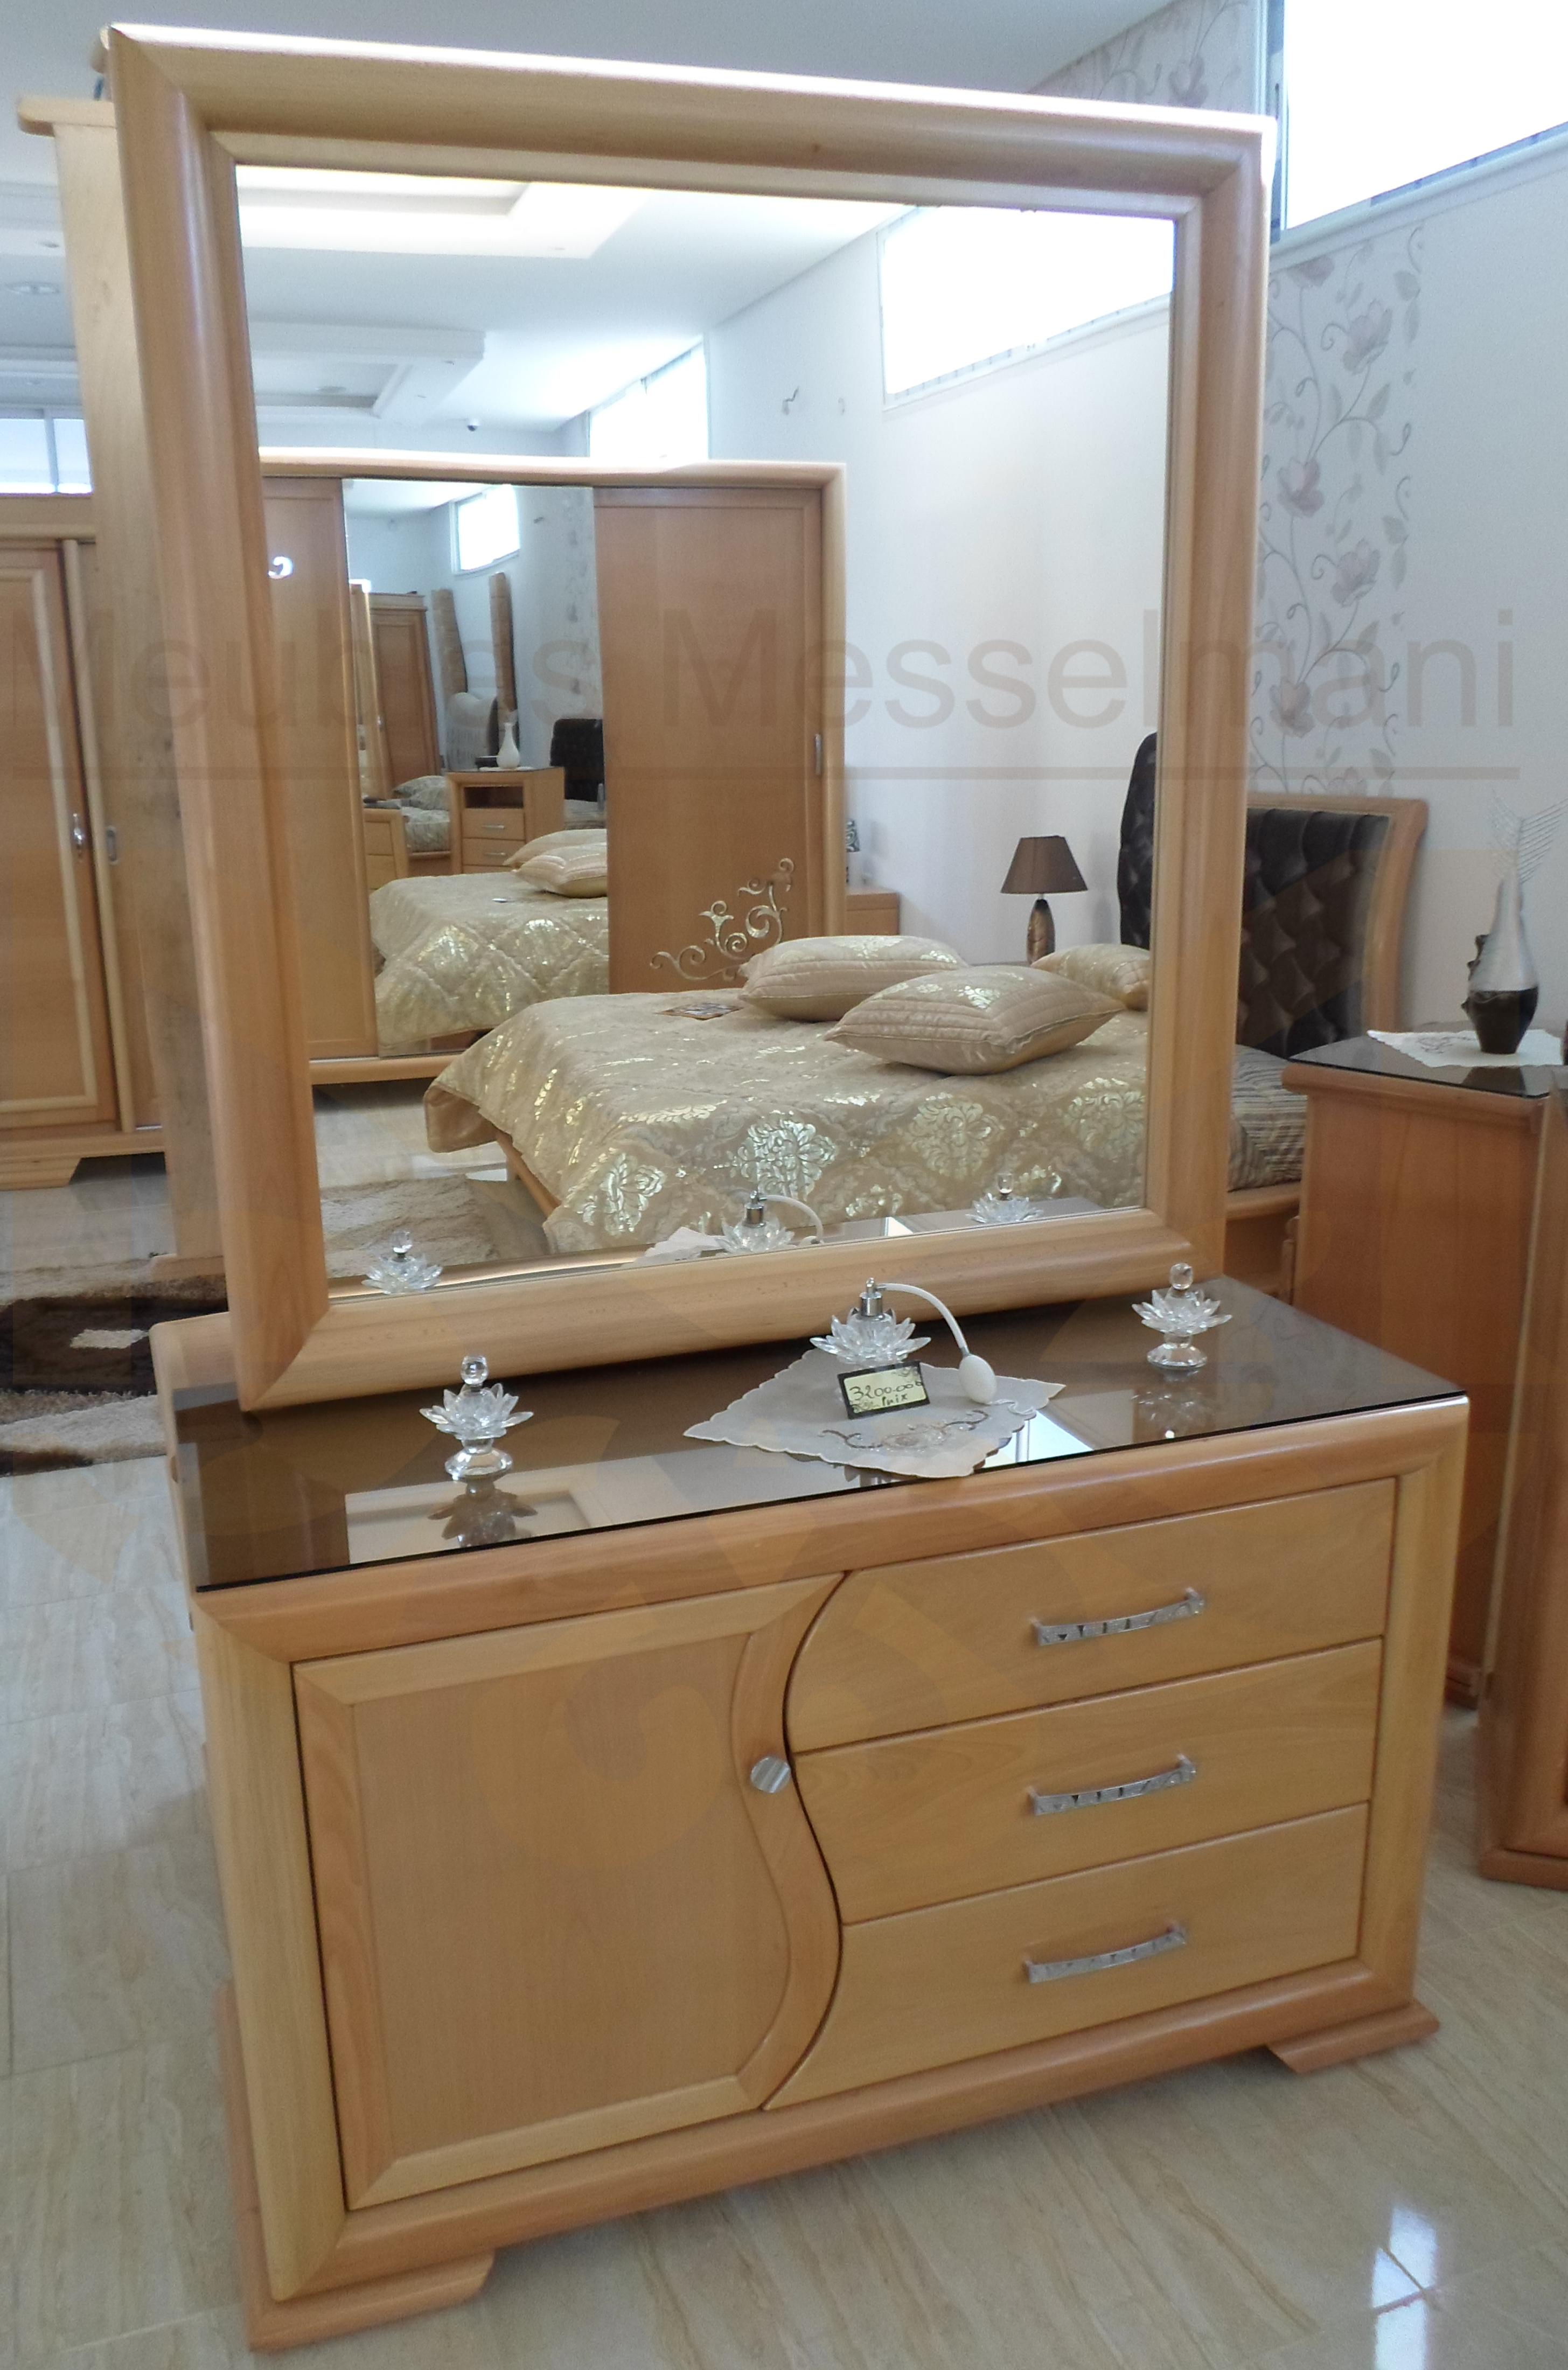 100 meuble moderne kelibia meuble tv sur mesure for Meuble kelibia tunisie prix